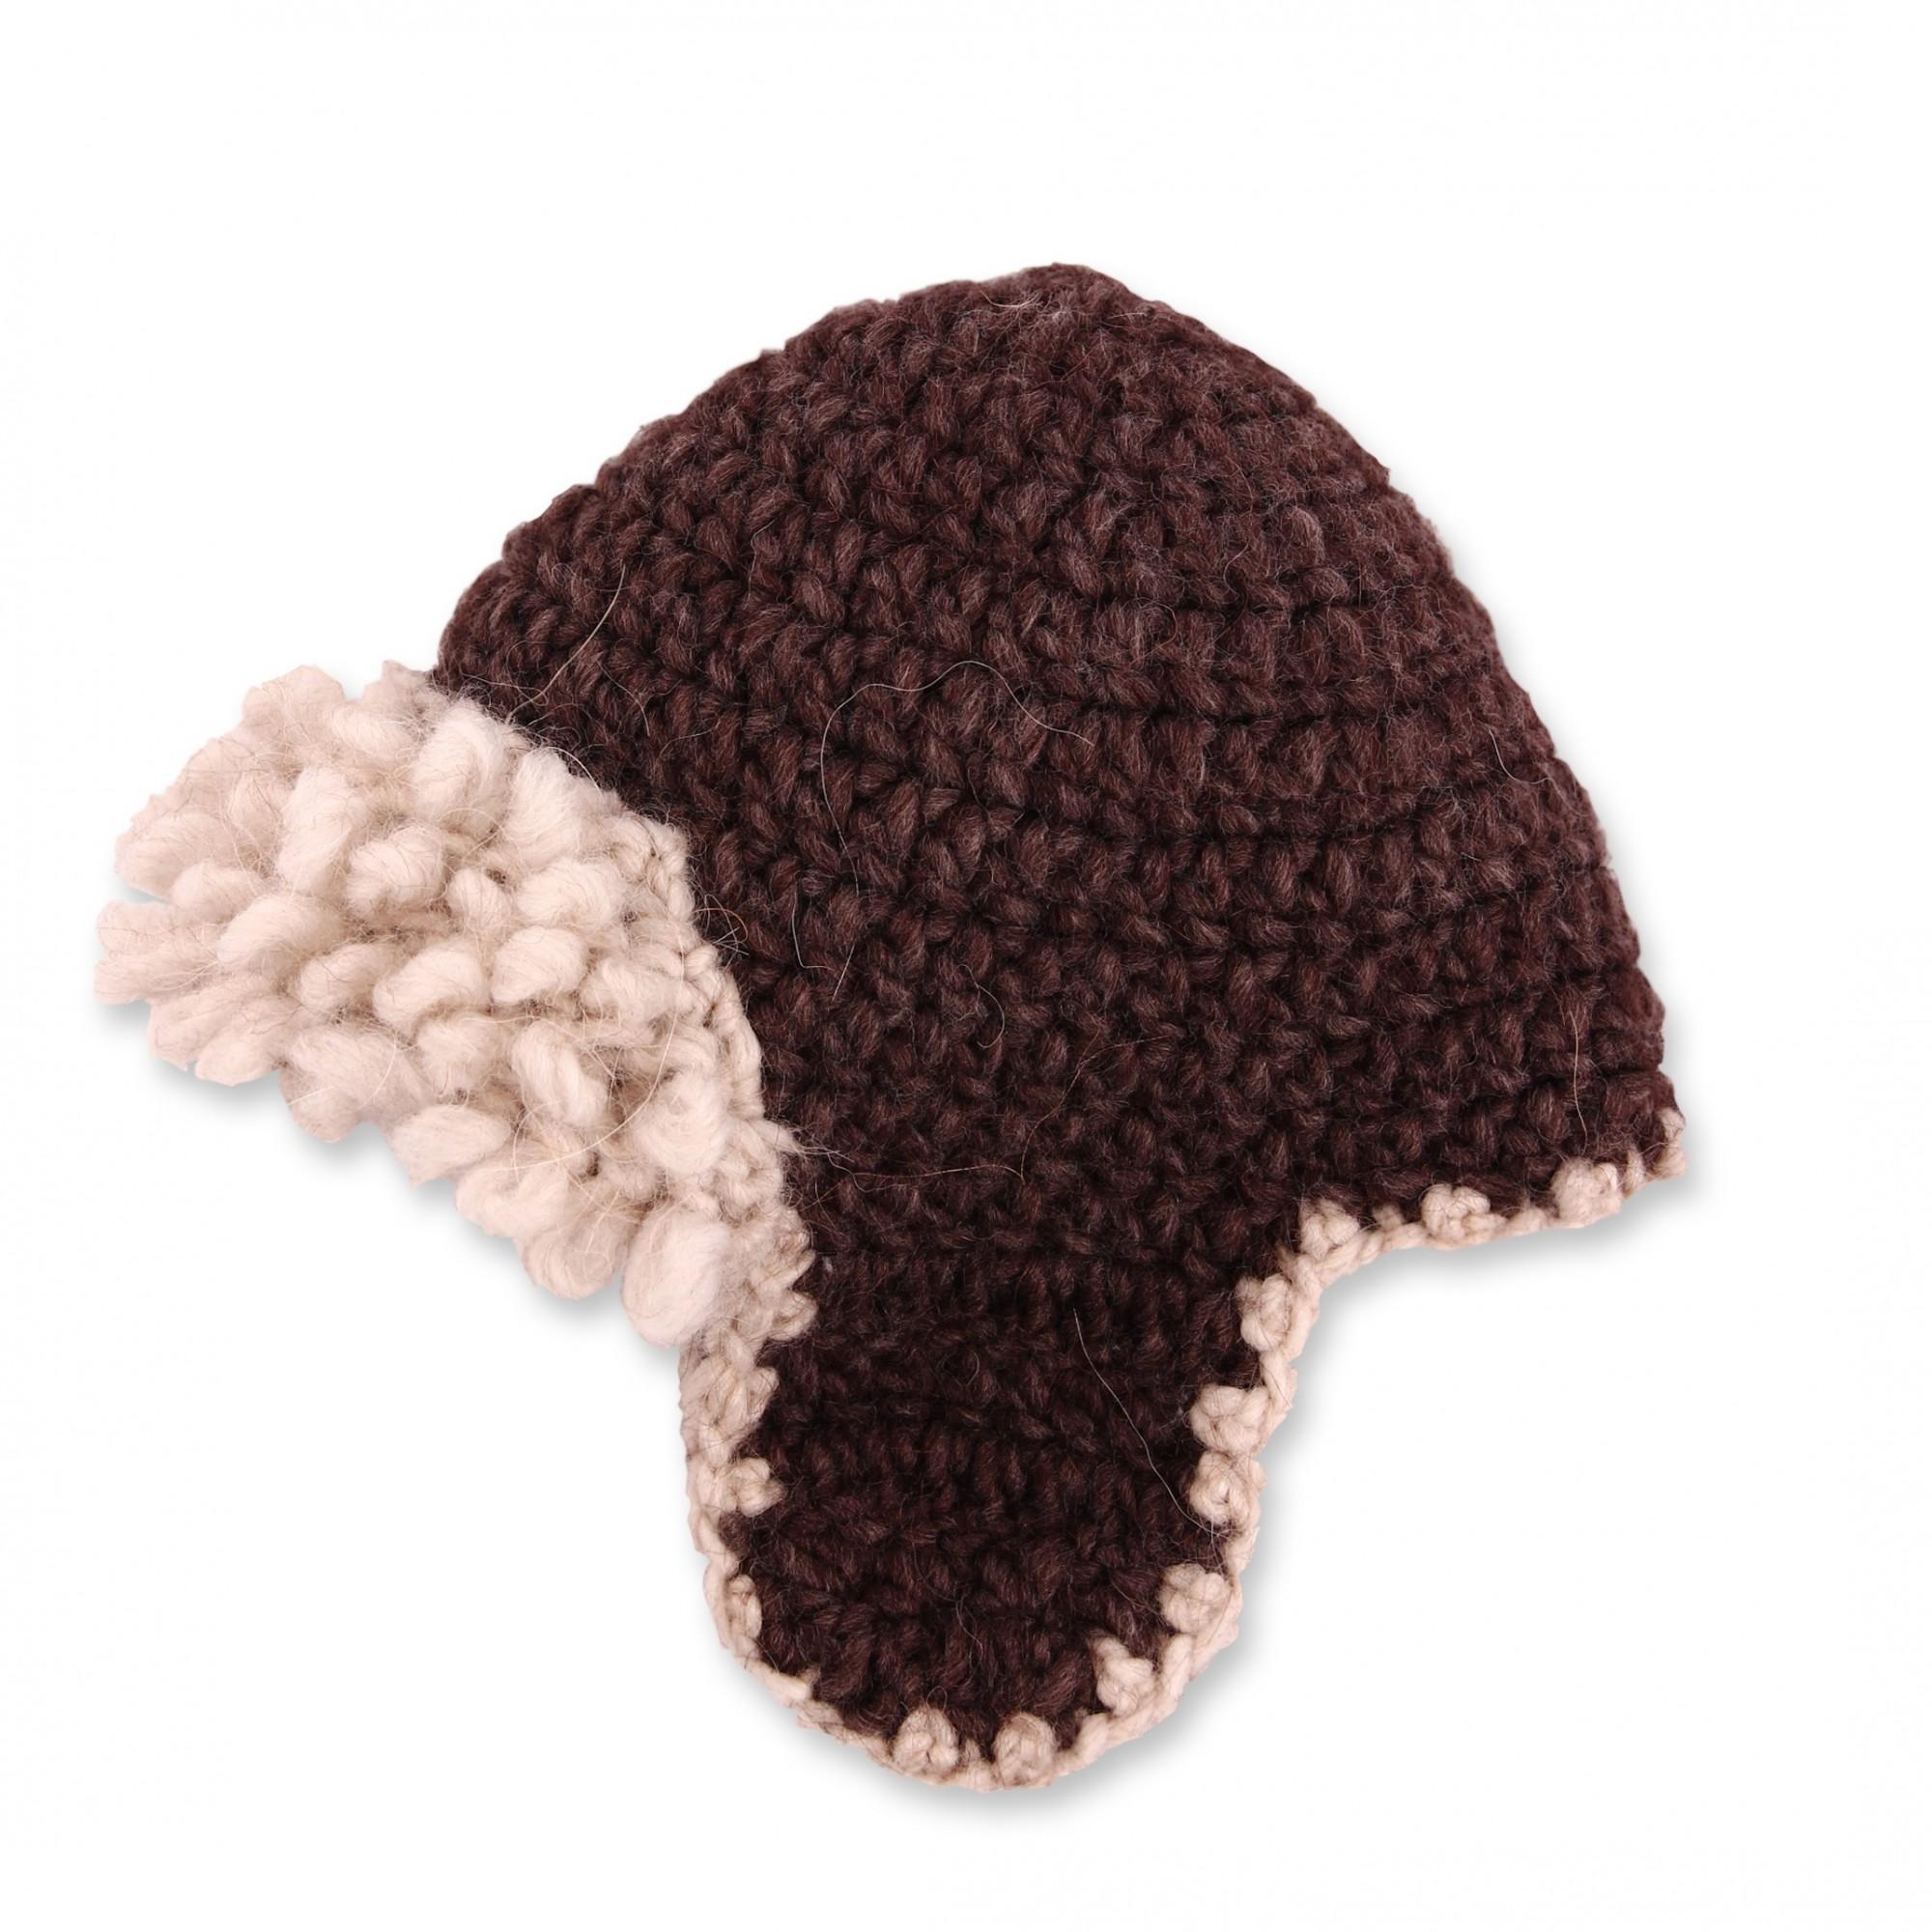 Bonnet bébé marron chocolat style aviateur en laine et alpaga - profil